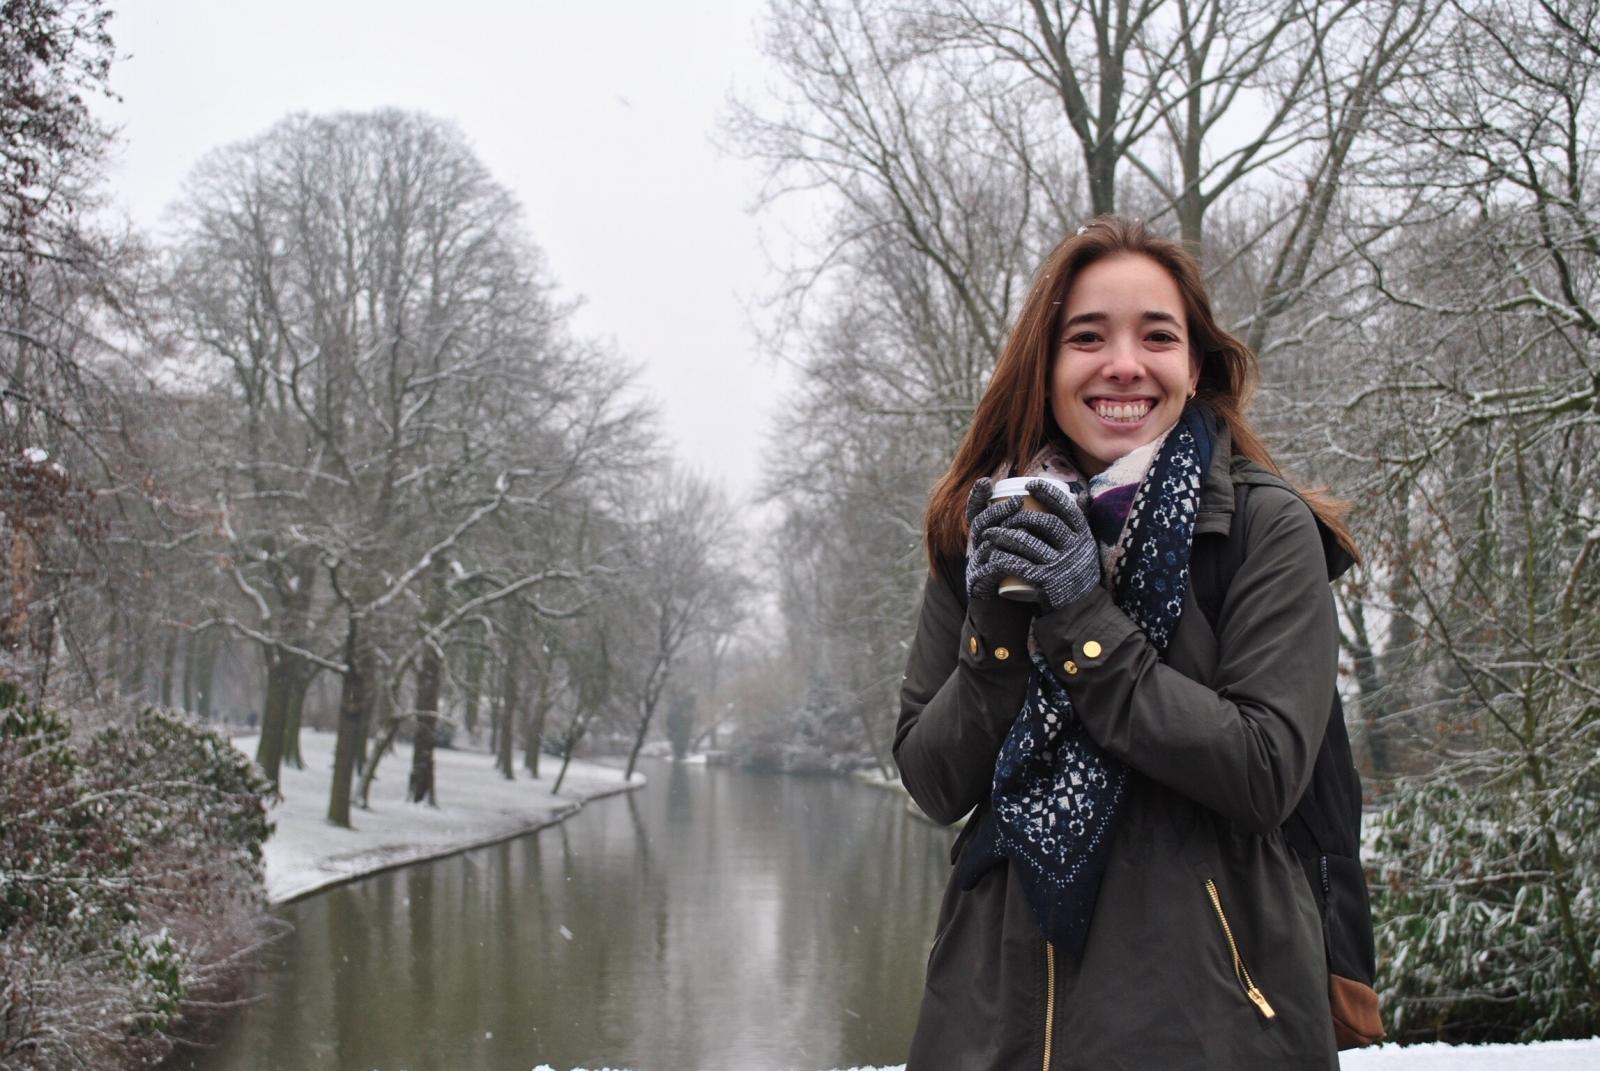 University of Notre Dame student Emily Garrett